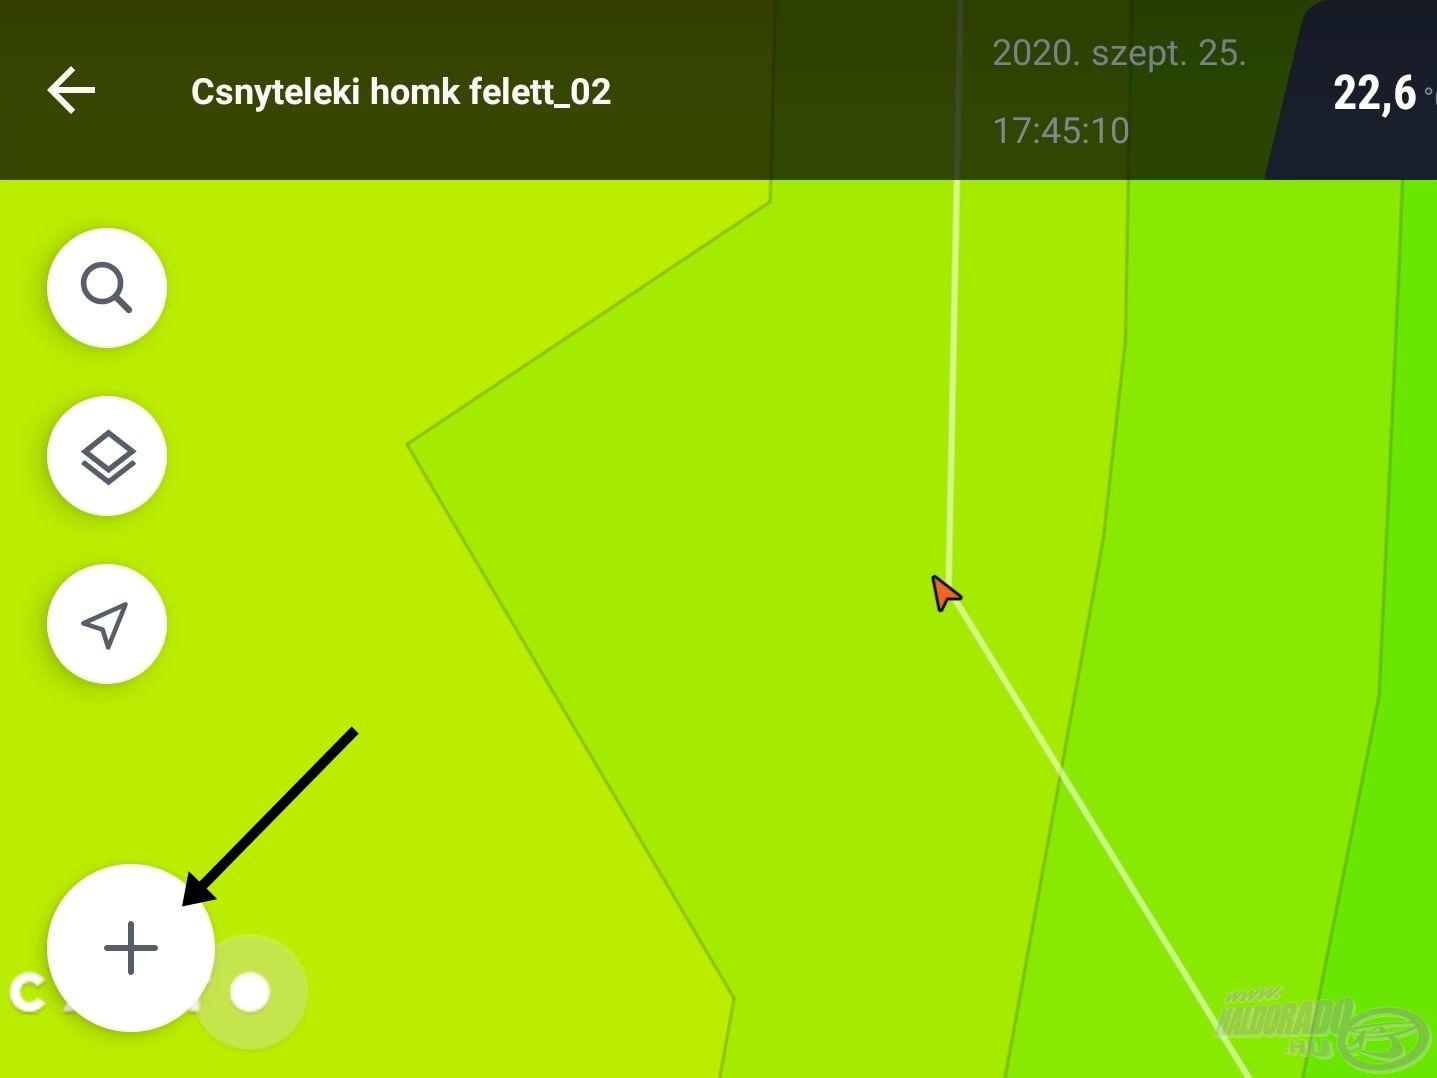 A felnagyított térképrészleten a nyíllal jelölt plusz ikon megnyomásával tudunk új helyet menteni